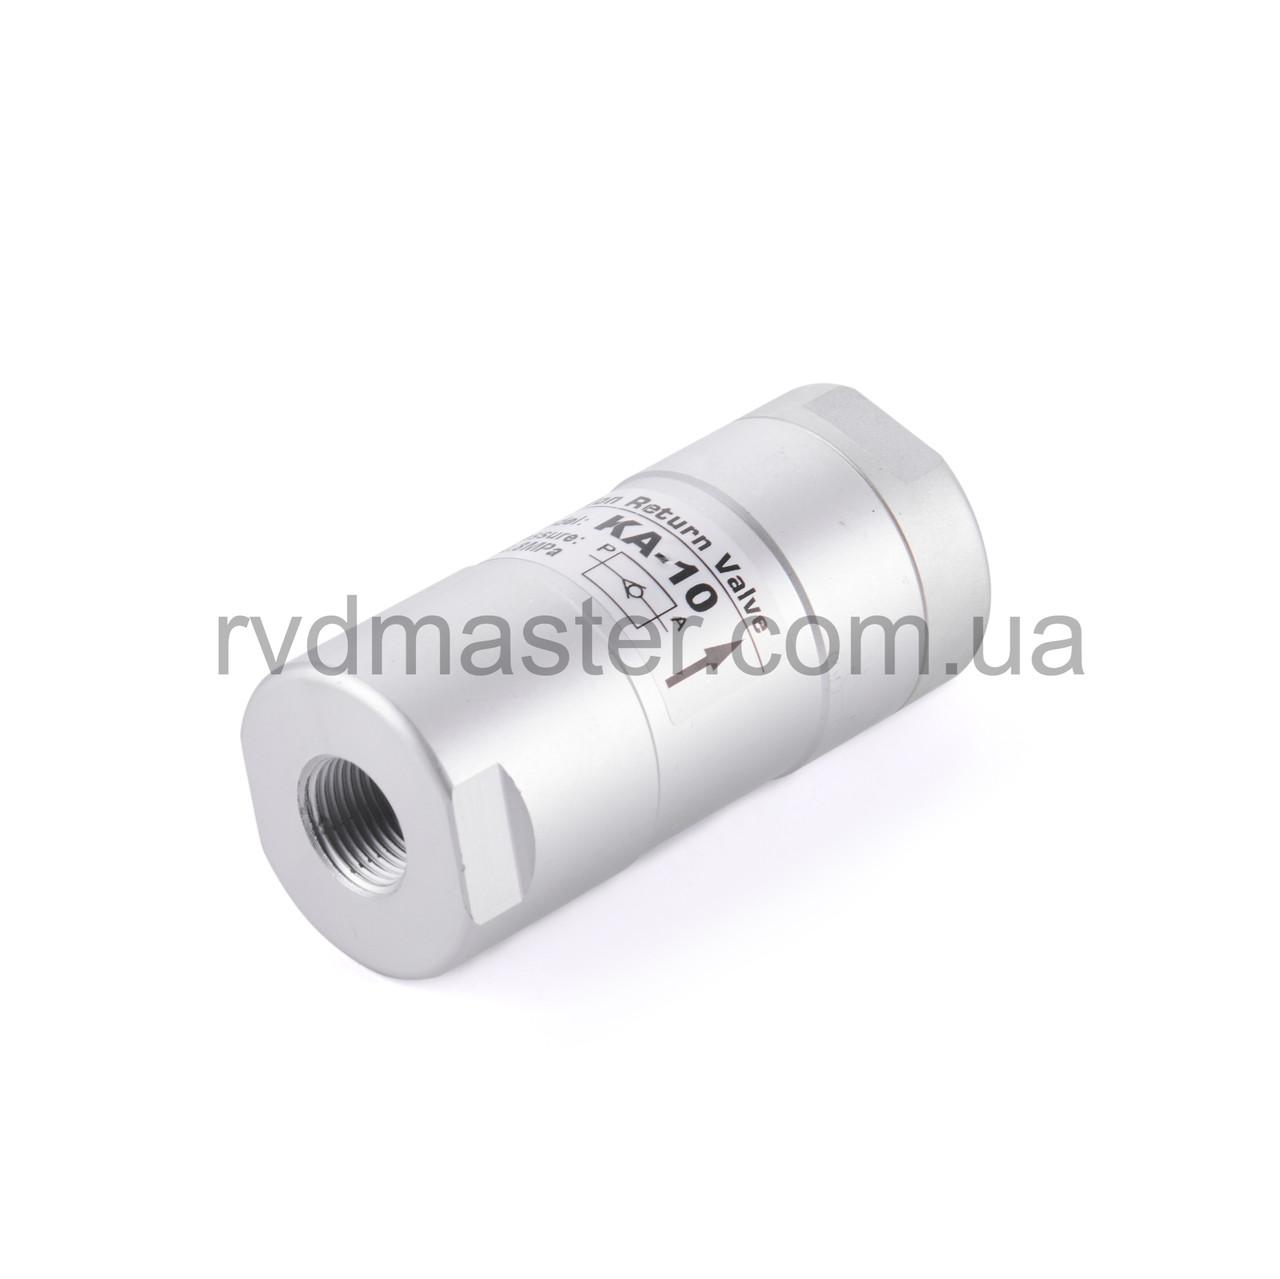 """Обратный клапан, пневматический KA-06 (1/8"""" BSP)"""